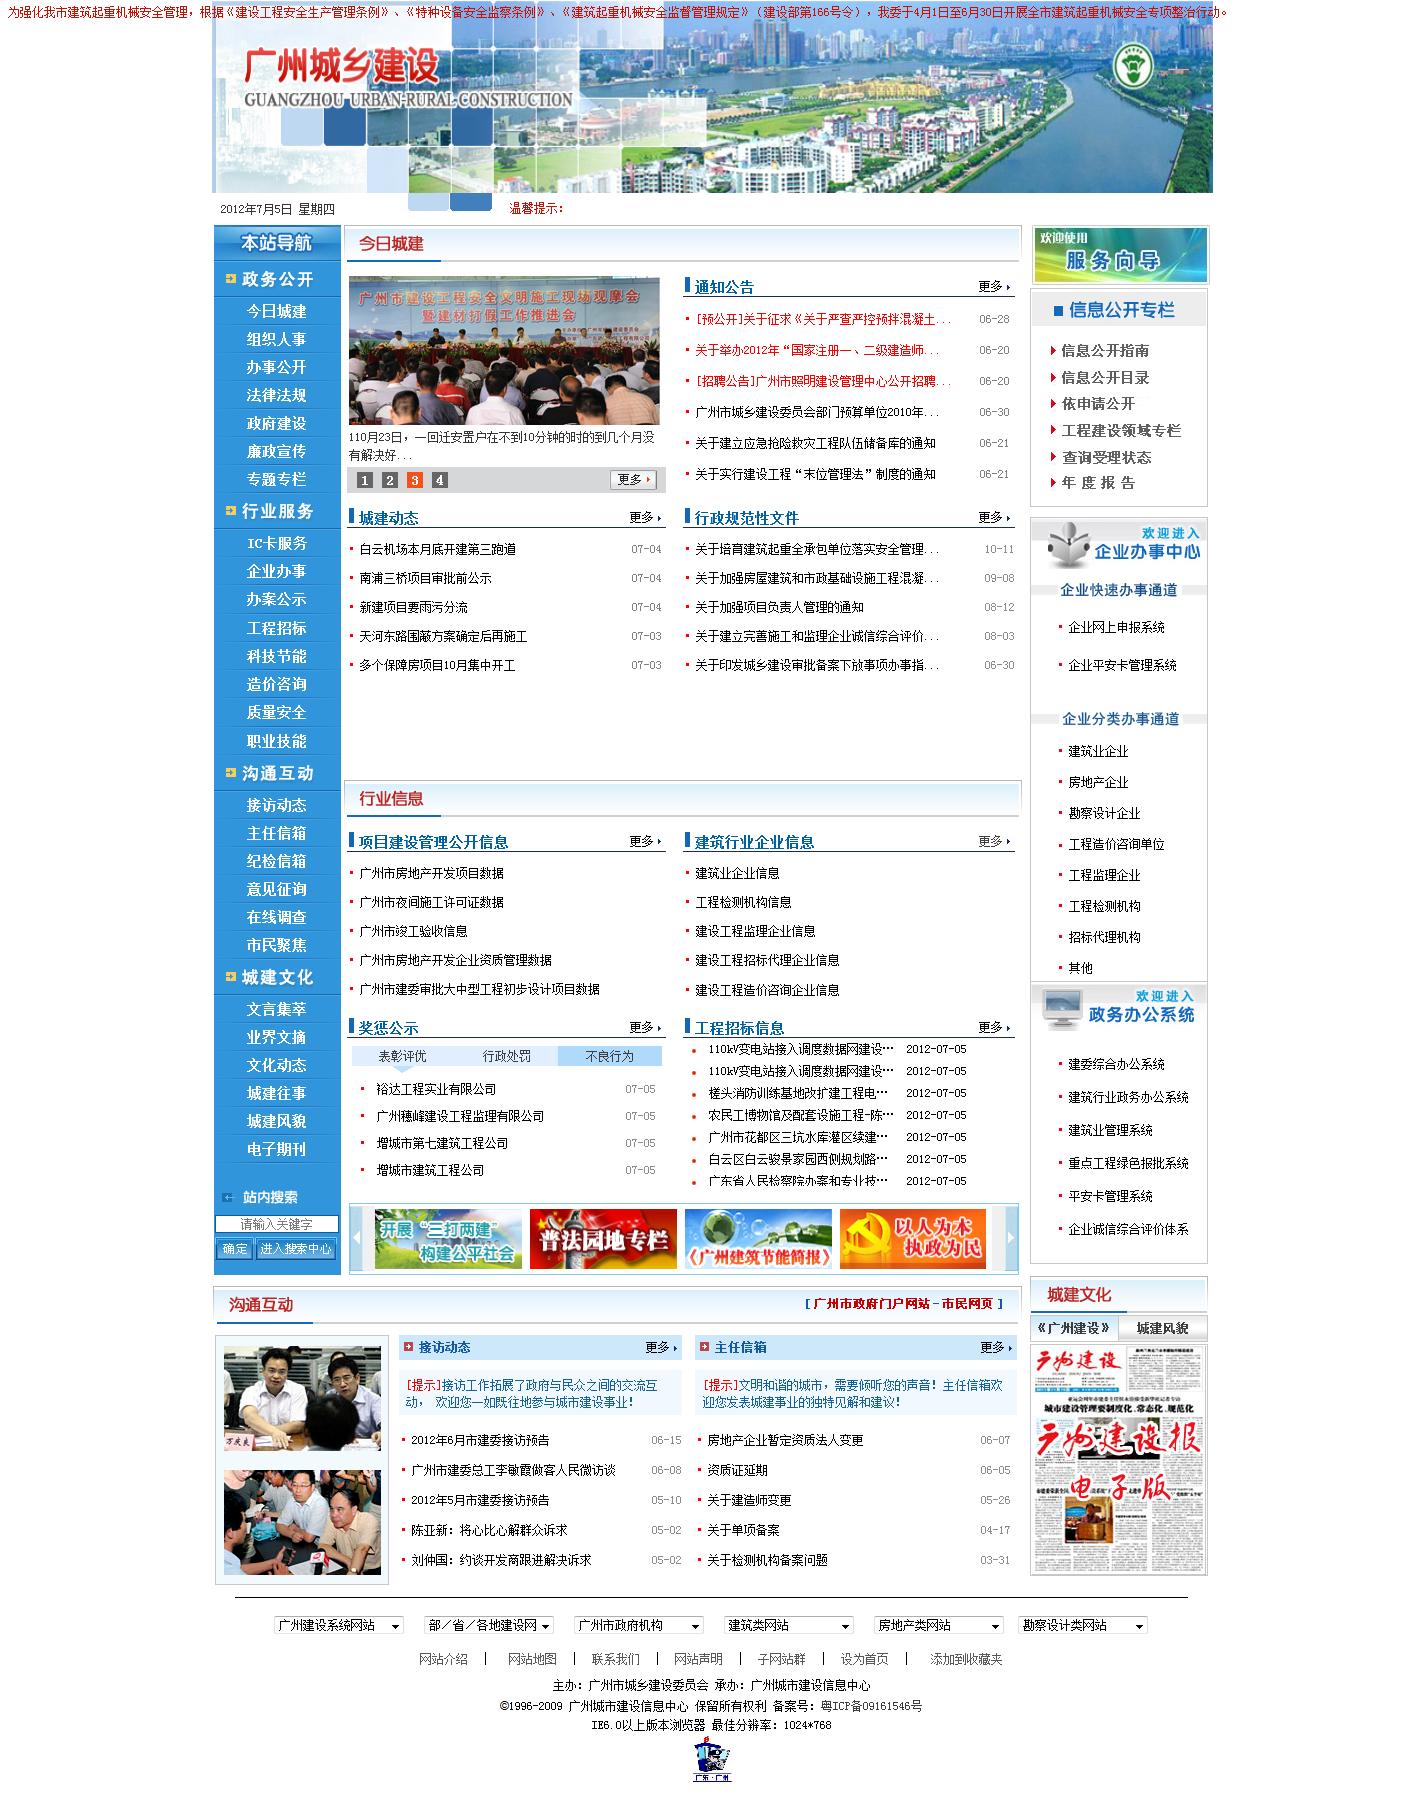 广州城市建设委员会_客户案例_万户网络,18年老牌公司